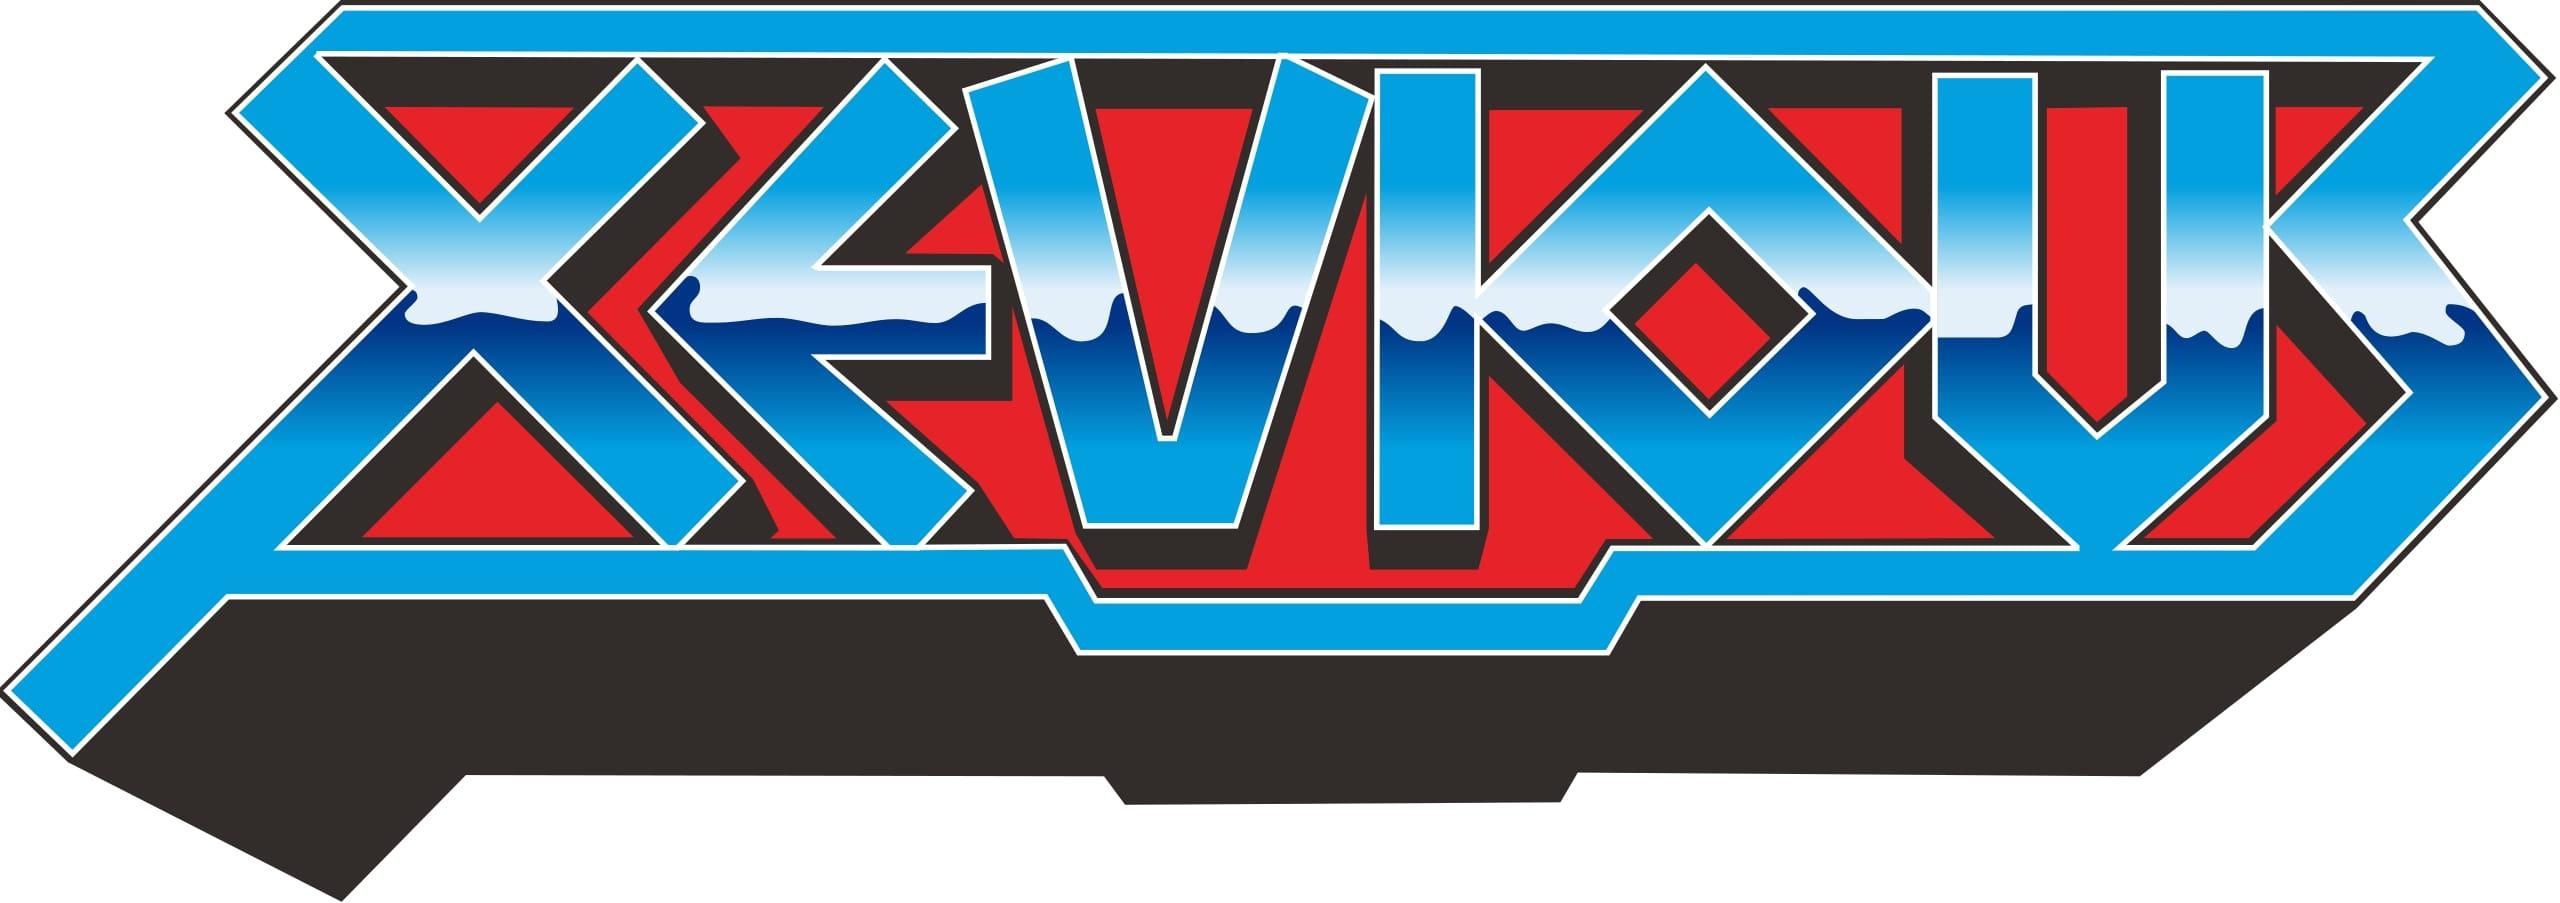 Xevious arcade logo